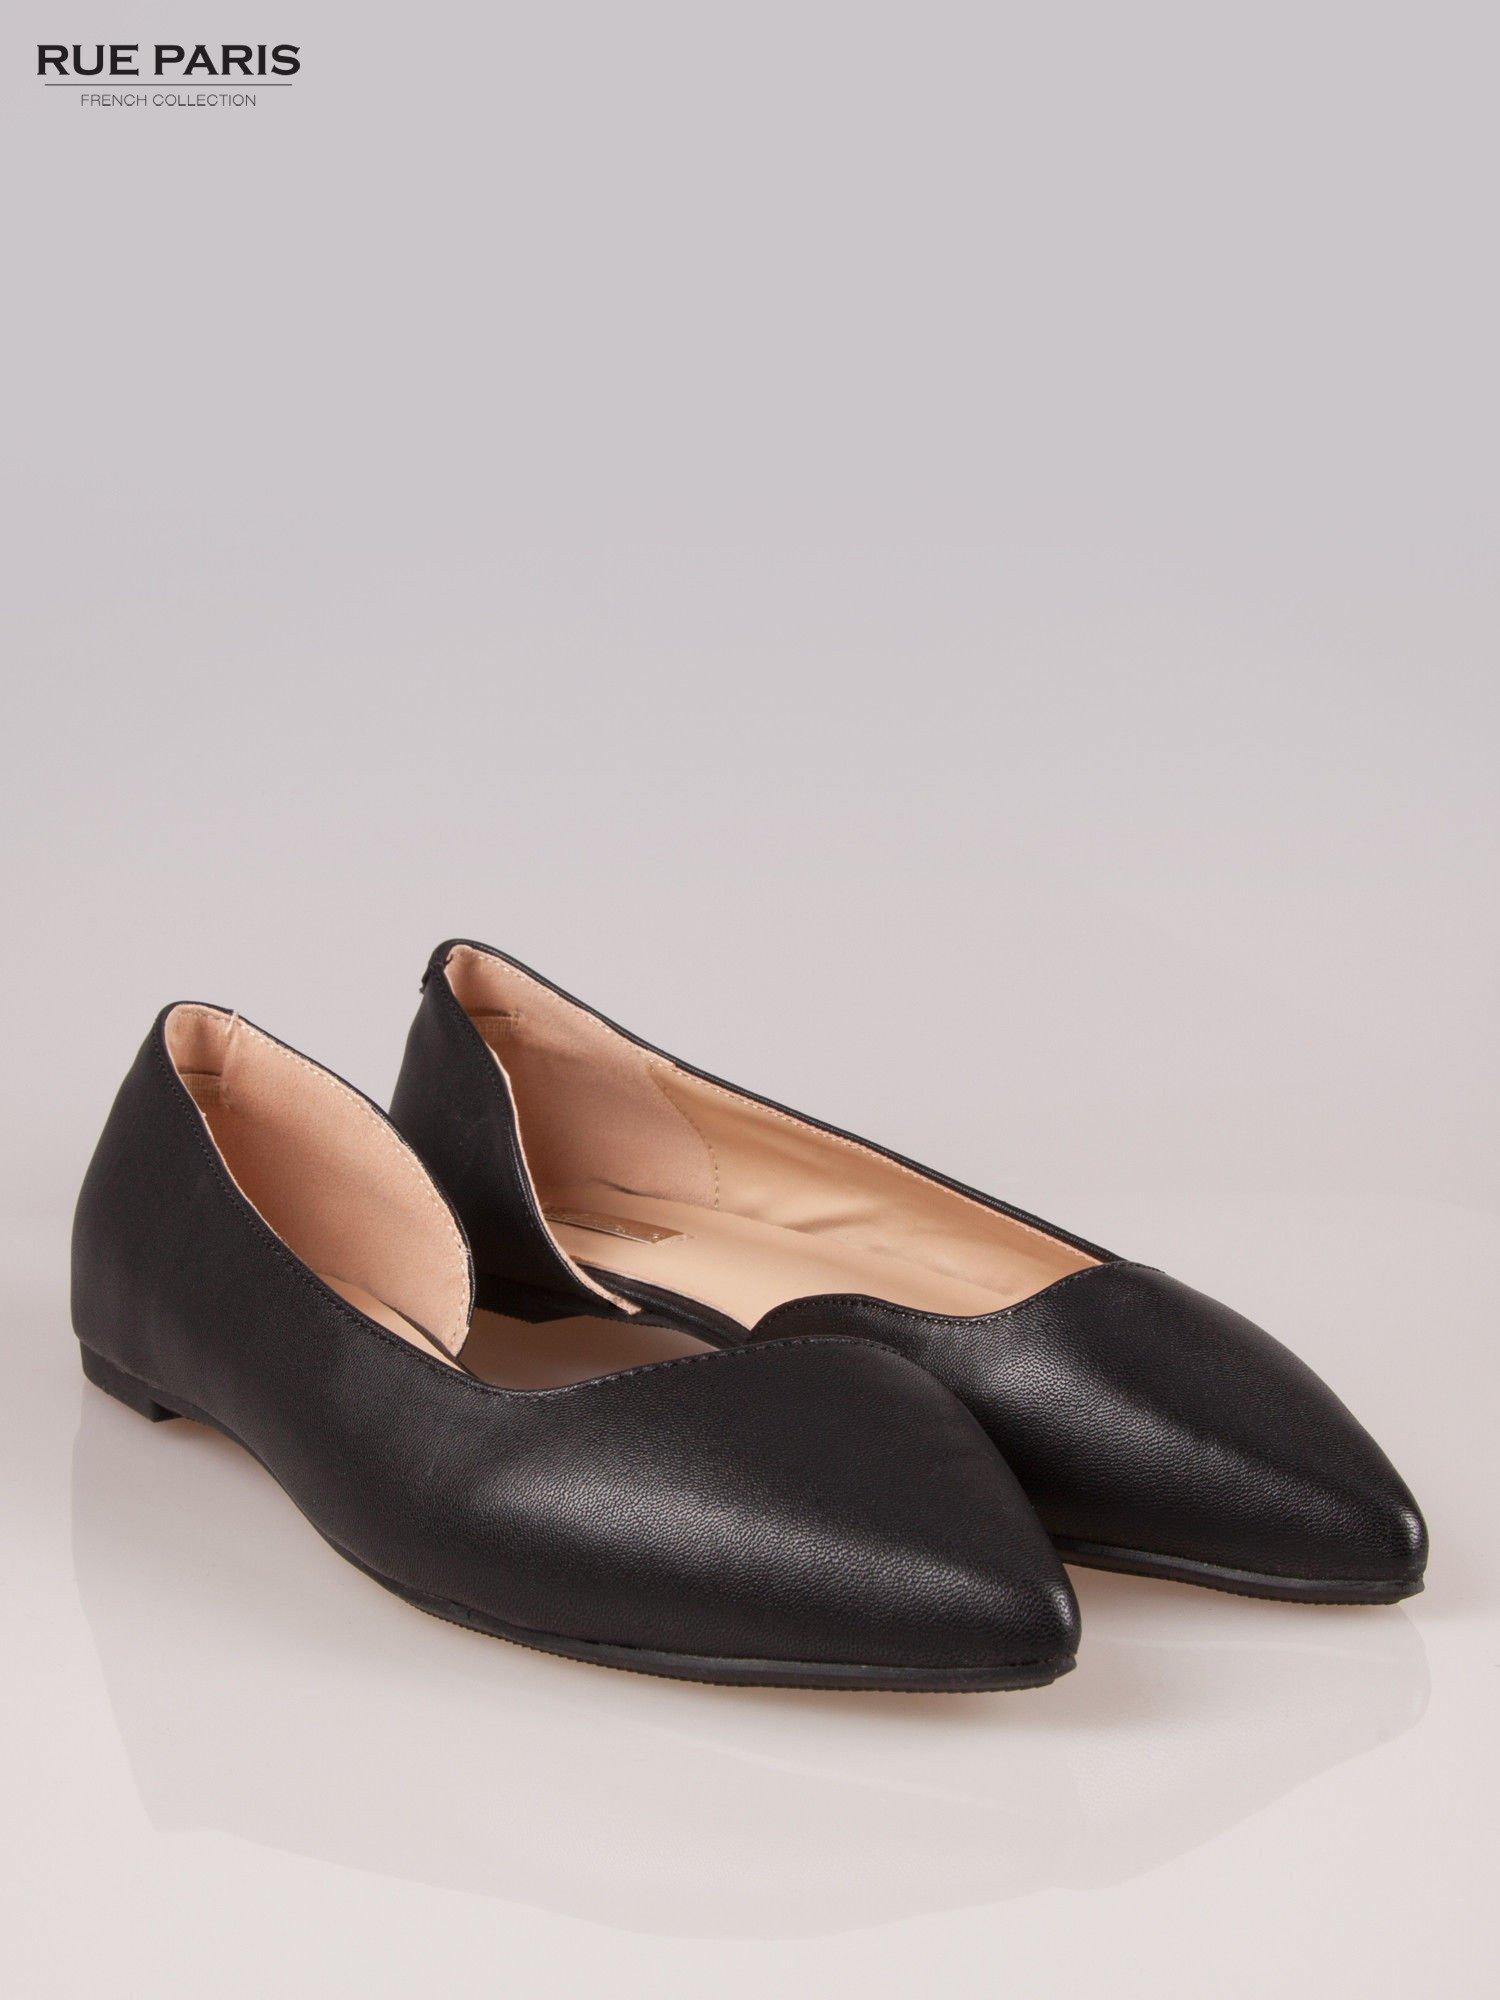 Czarne baleriny faux leather Cookie w szpic z wycięciem z boku                                  zdj.                                  2